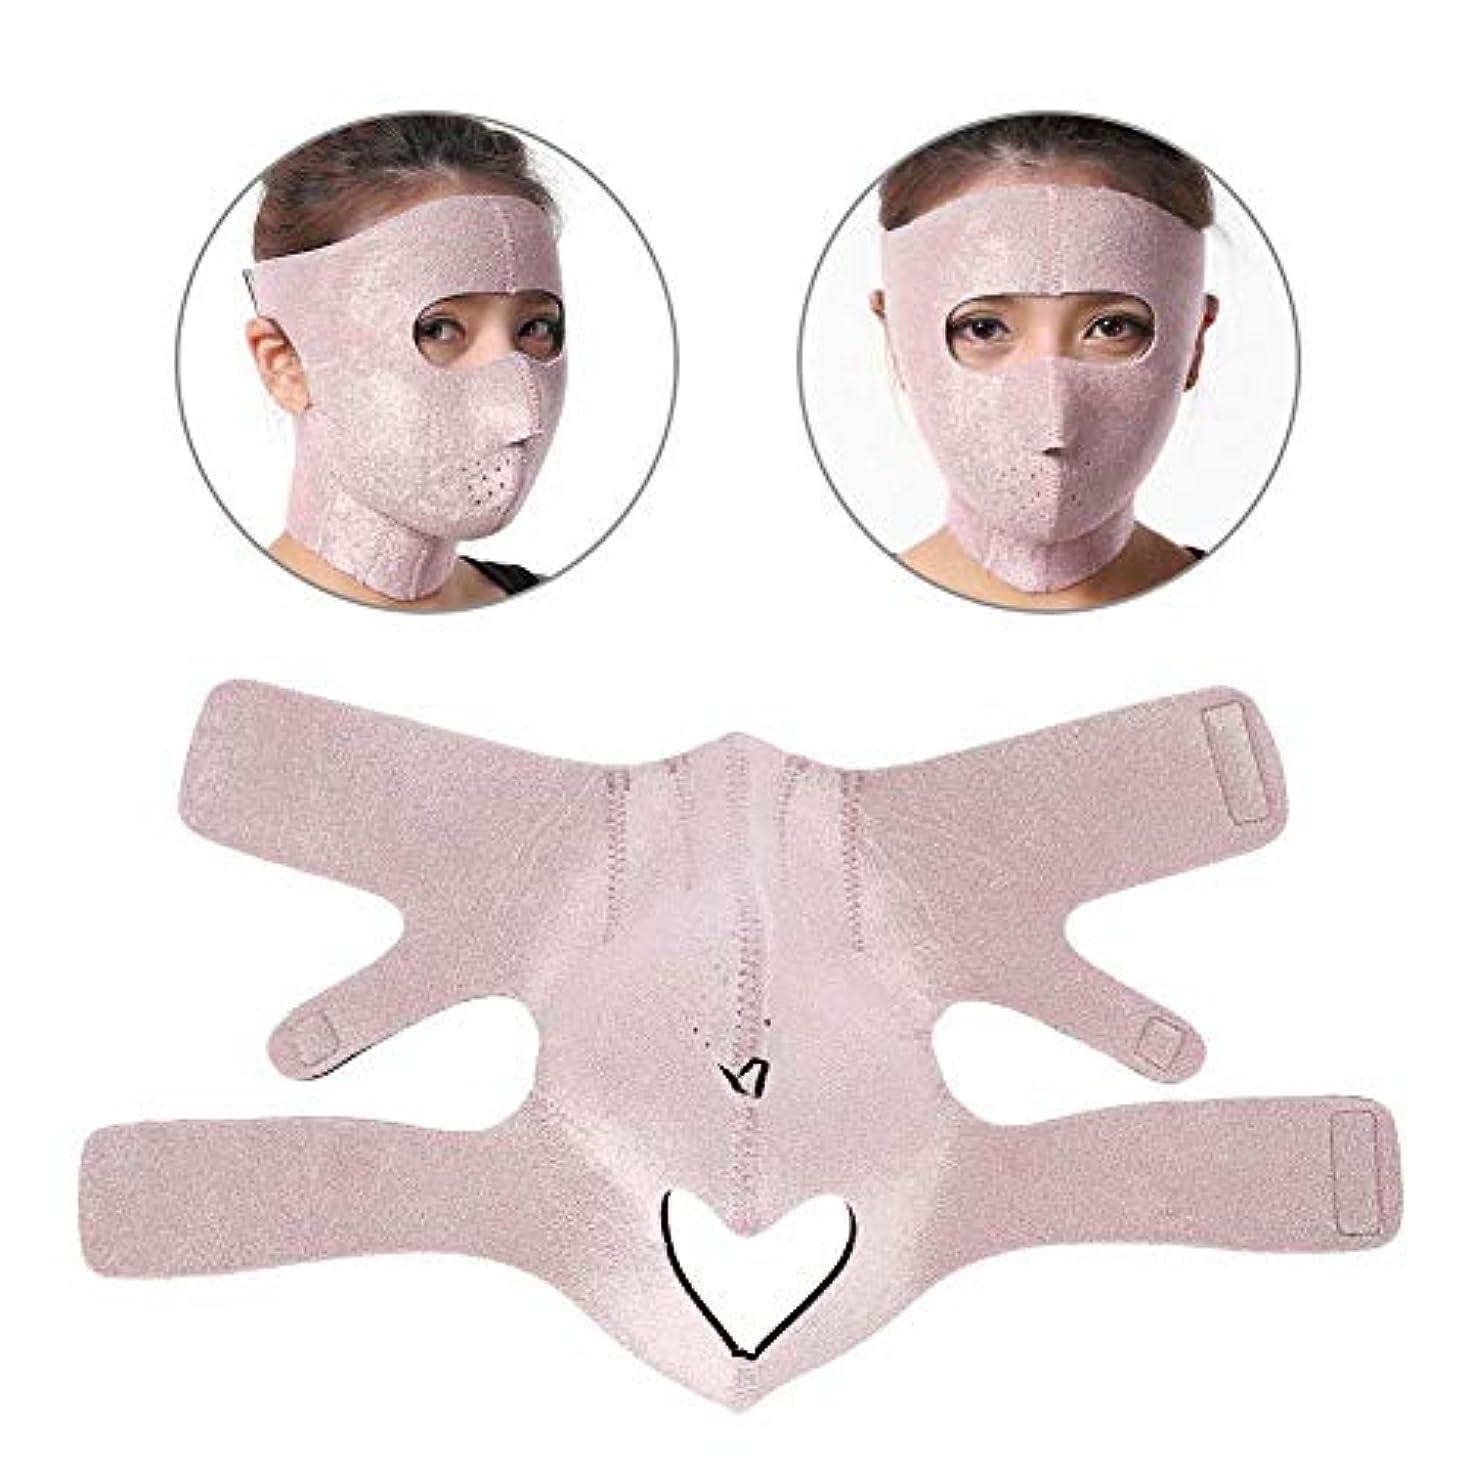 顔の輪郭を改善する 美容包帯 フェイスリフト用フェイスマスク 通気性/伸縮性/変形不可